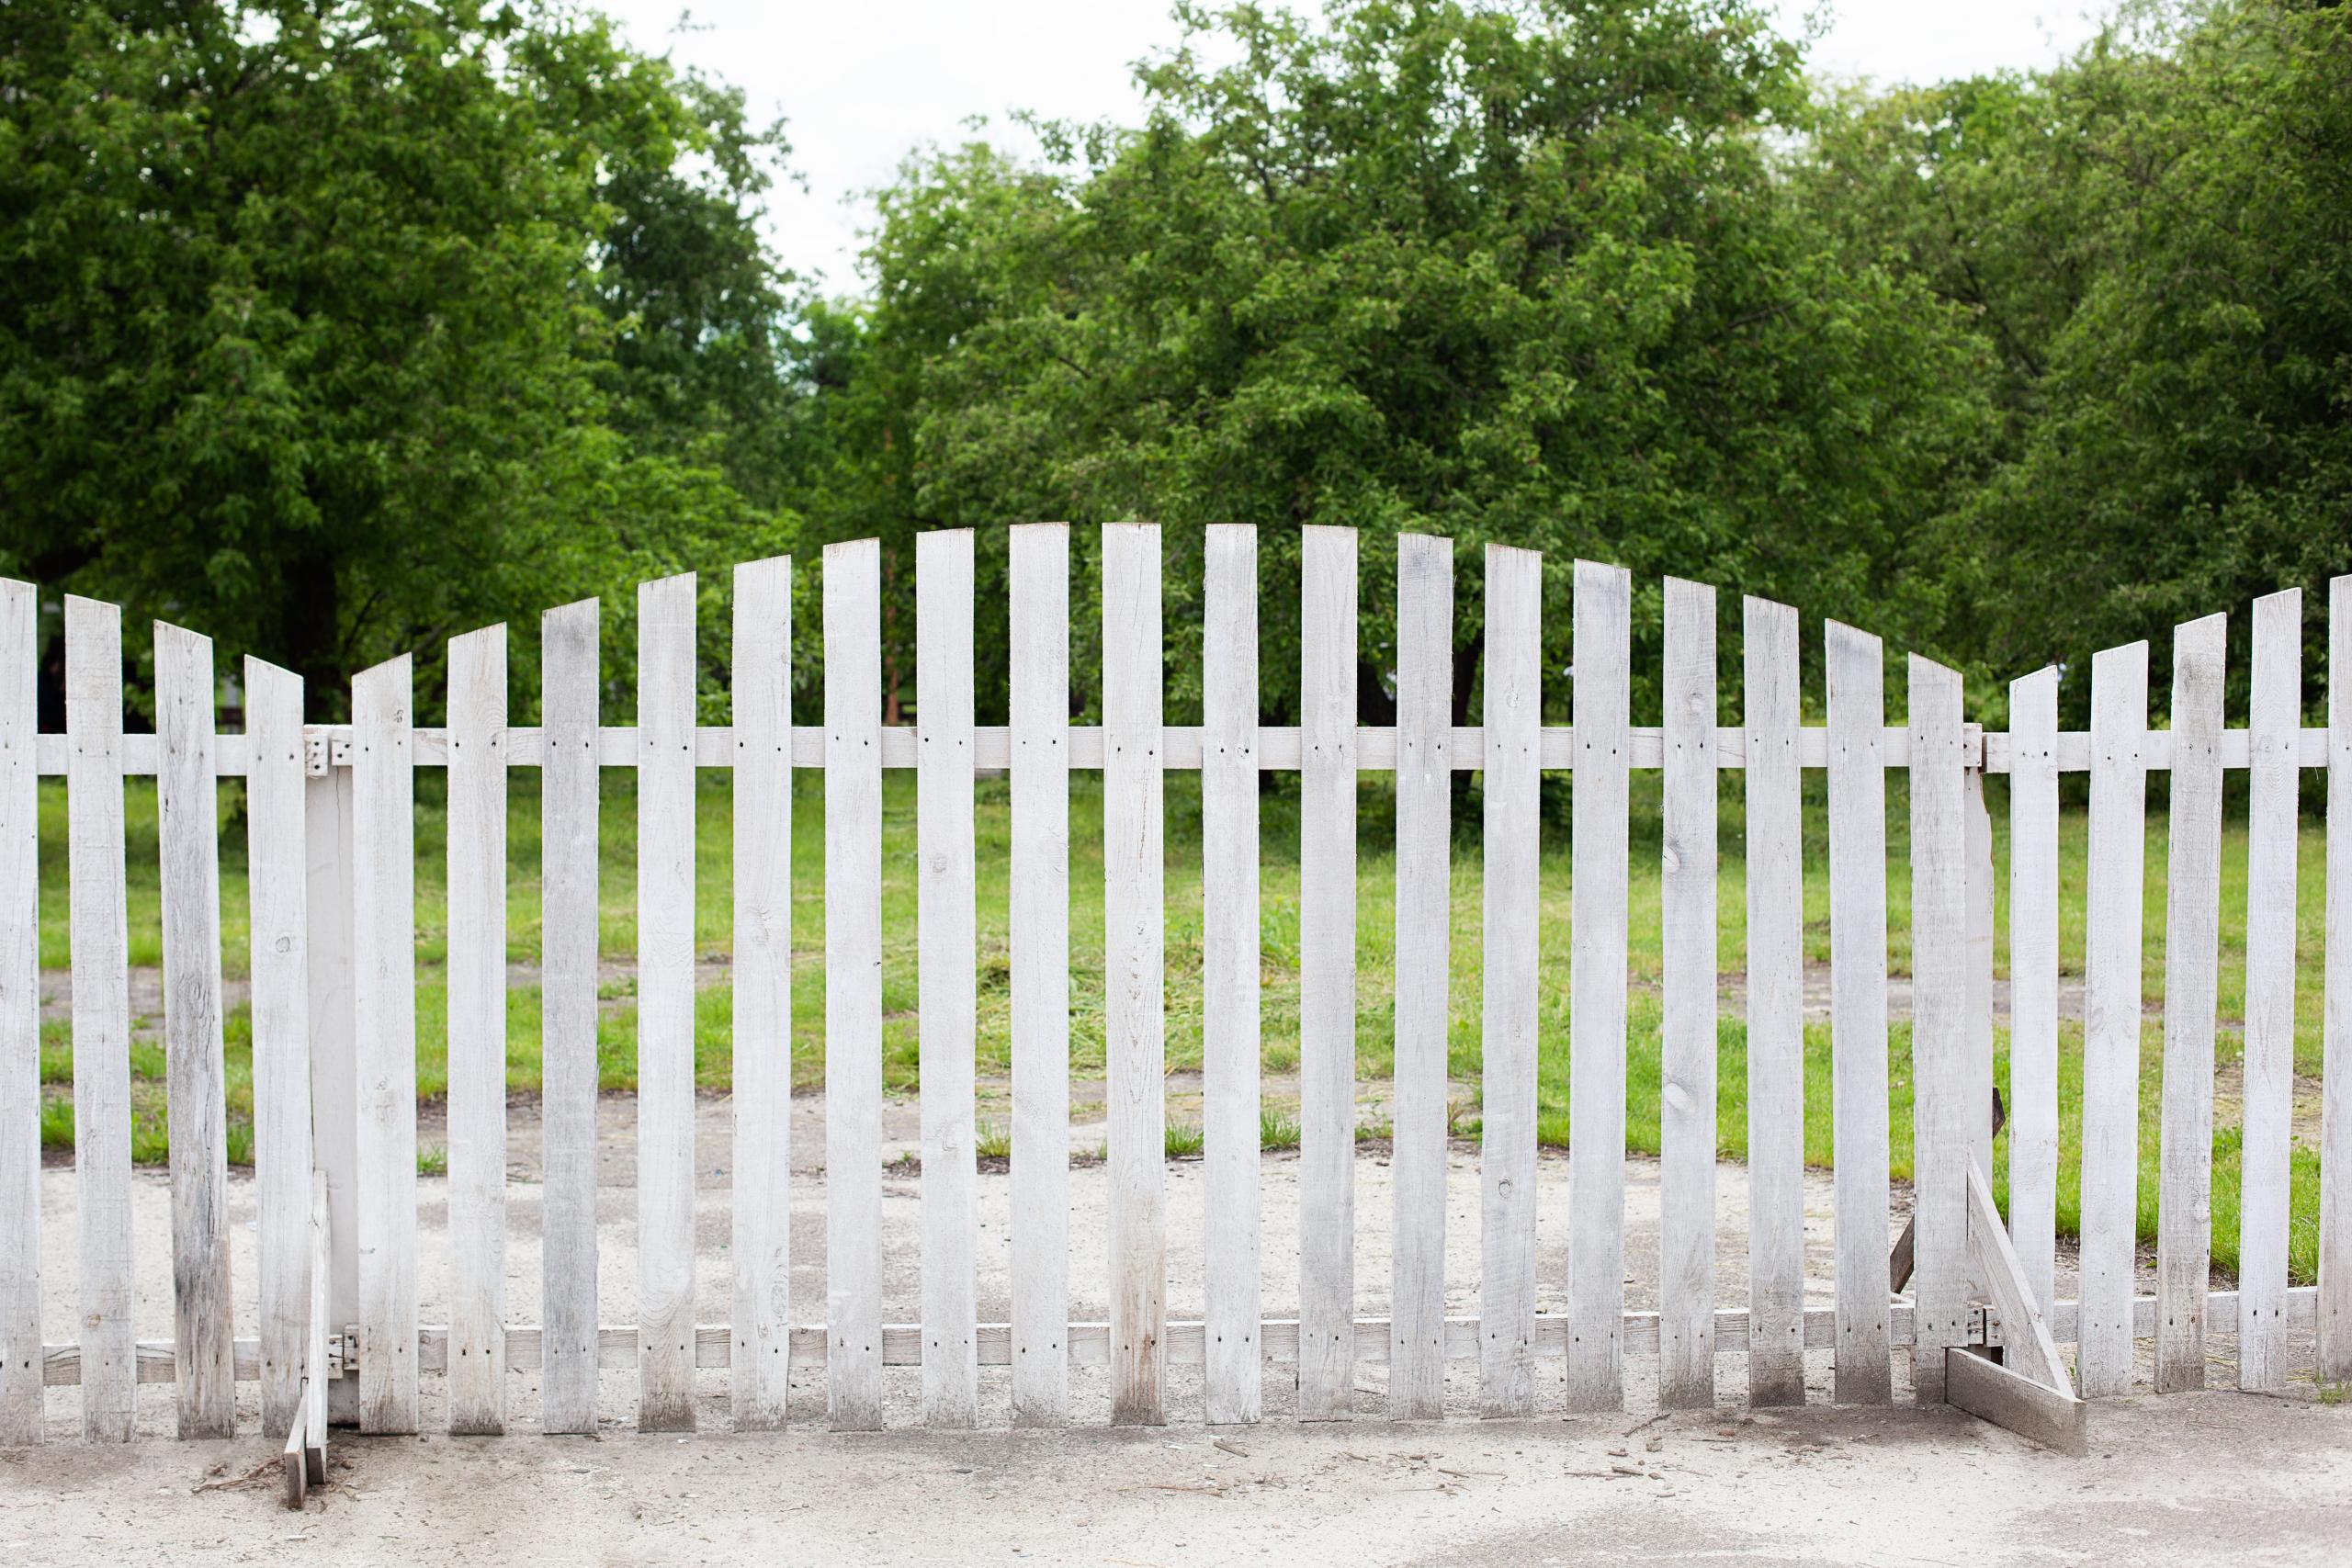 Zaun auf Grundstücksgrenze